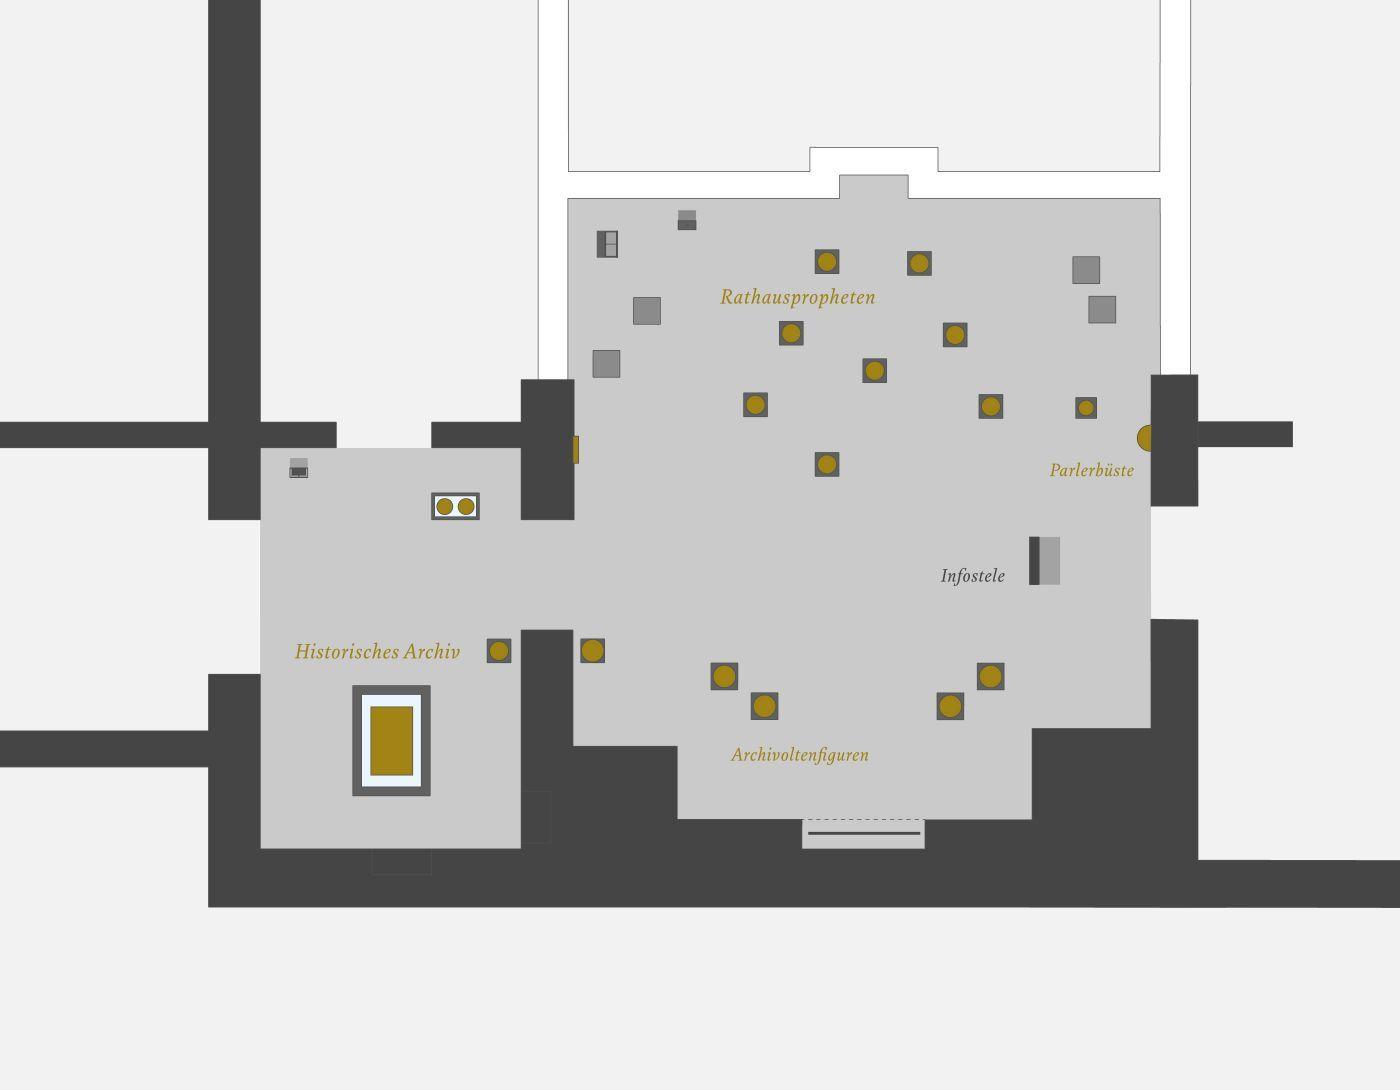 chezweitz   Museum Schnütgen IM FOKUS. Die Kölner Rathauspropheten. Skulptur um 1400 für Bürgerschaft und Kirche - Museum Schnütgen, Köln